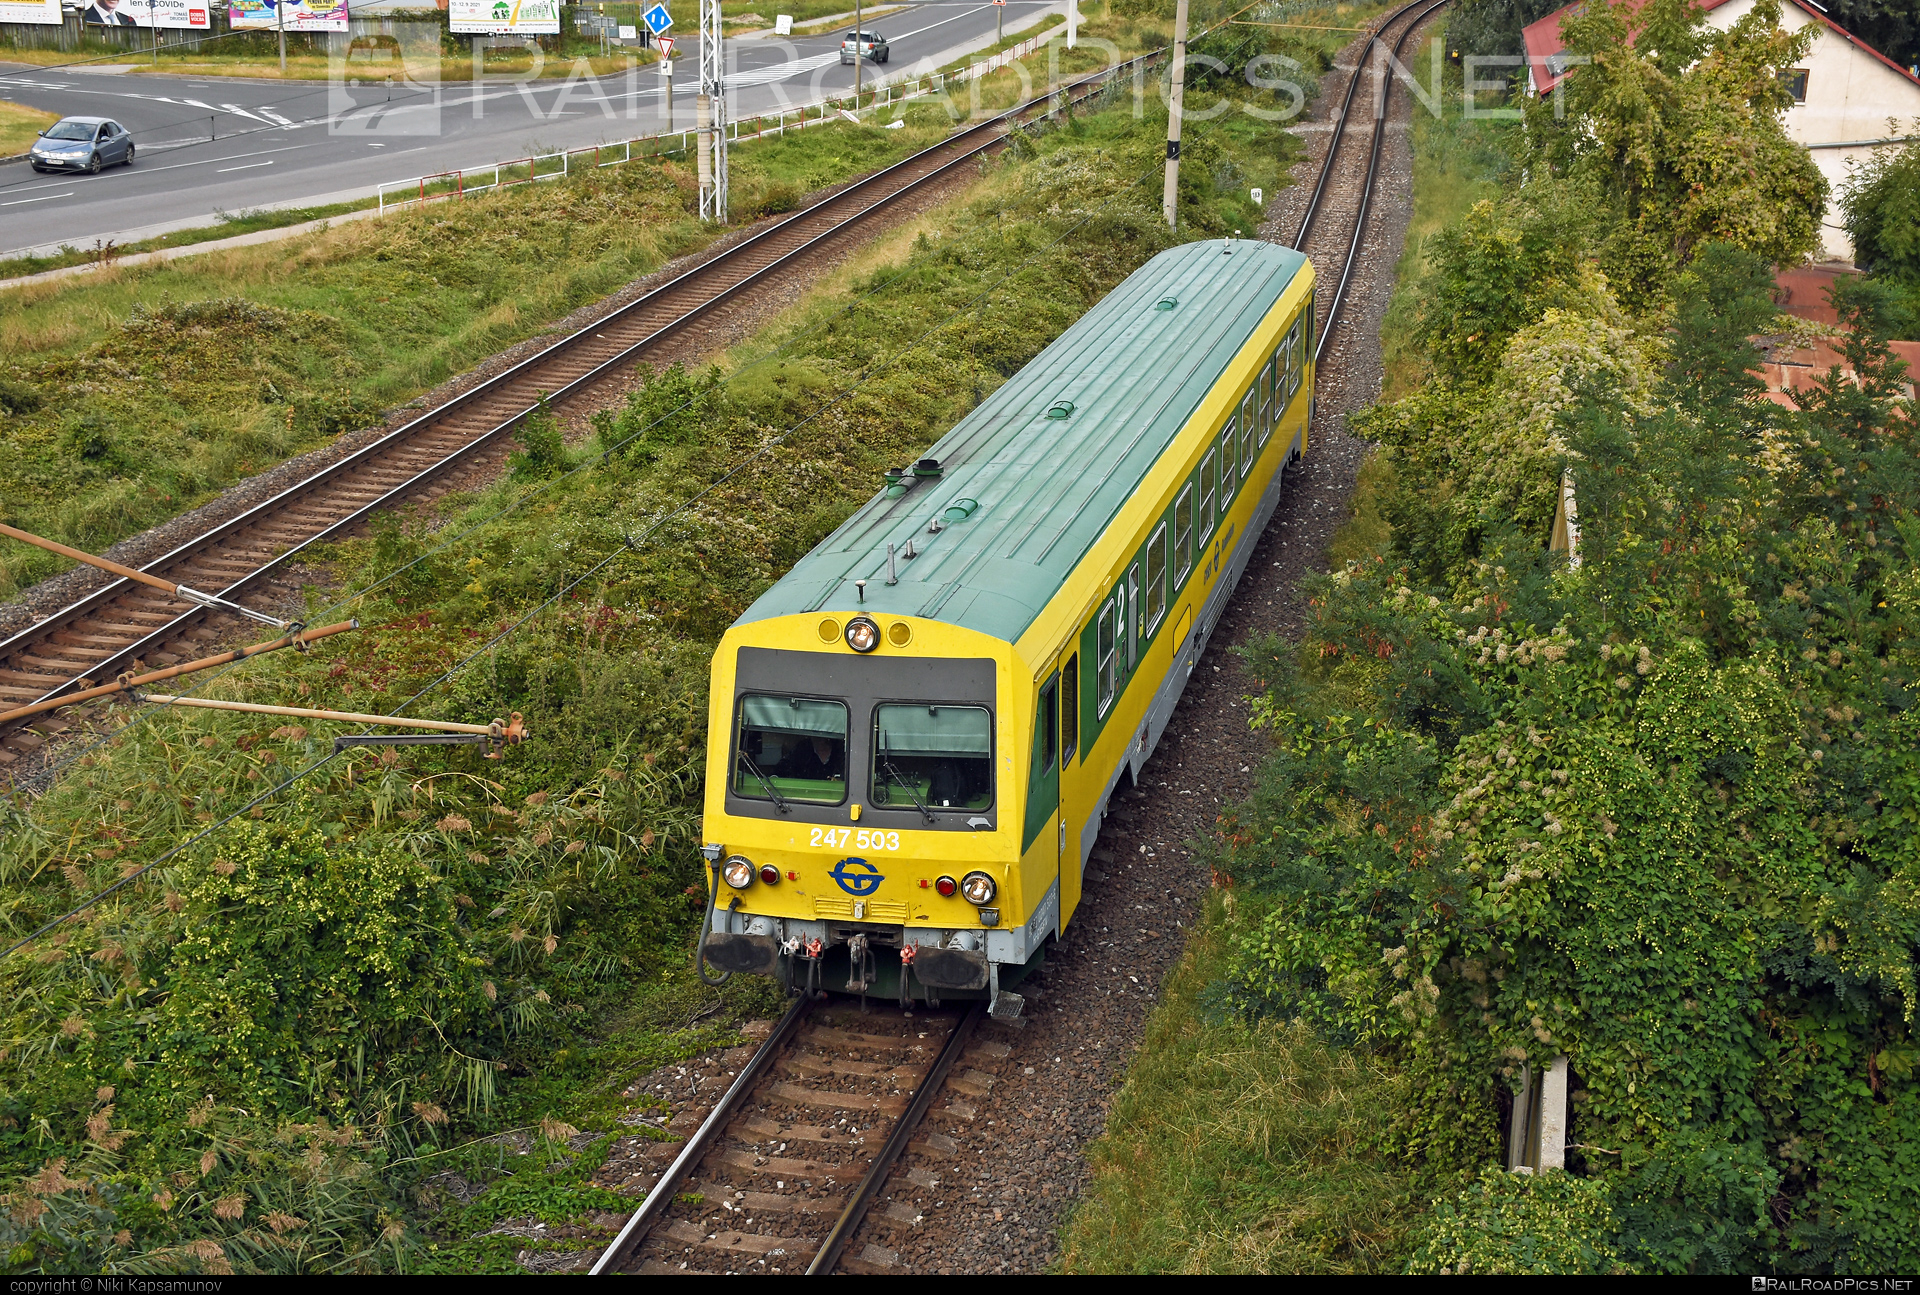 Jenbacher J3995 - 247 503 operated by GYSEV - Györ-Sopron-Ebenfurti Vasut Részvénytarsasag #gyorsopronebenfurtivasutreszvenytarsasag #gysev #jenbacher #jenbacherj3995